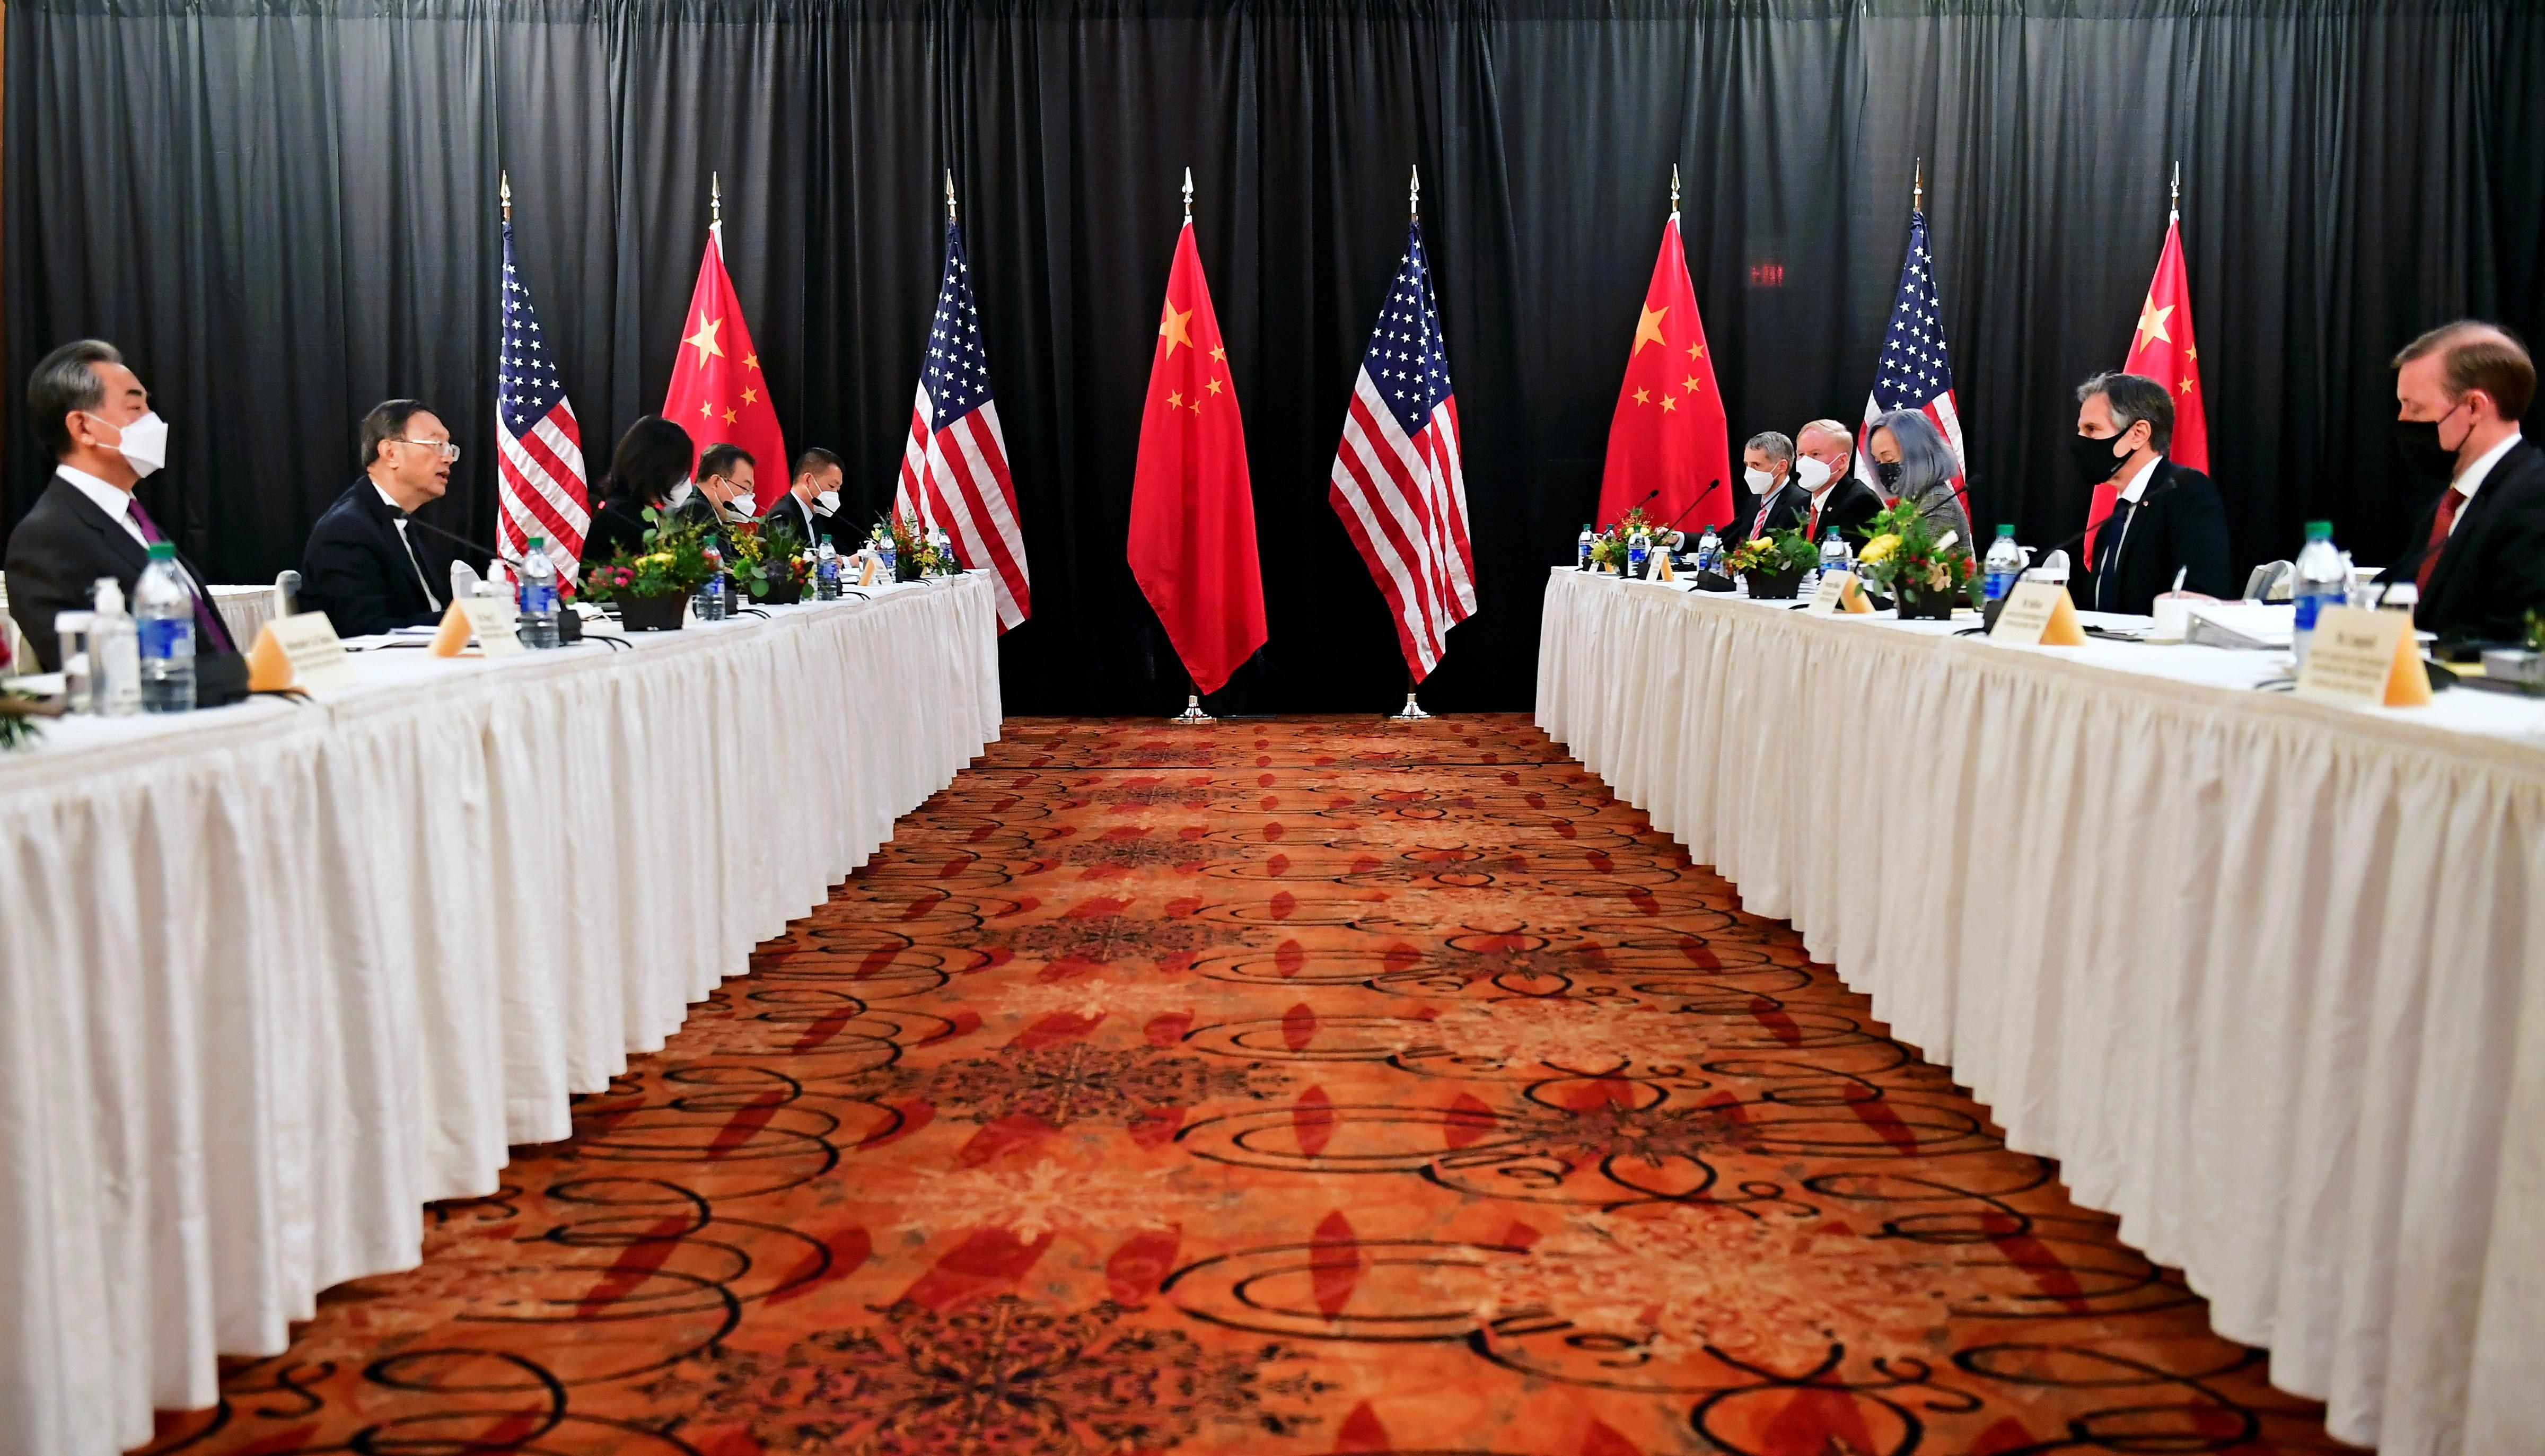 拜登,布林肯,蘇利文,楊潔篪,王毅,美中關係,新冷戰,貿易戰,美中台關係